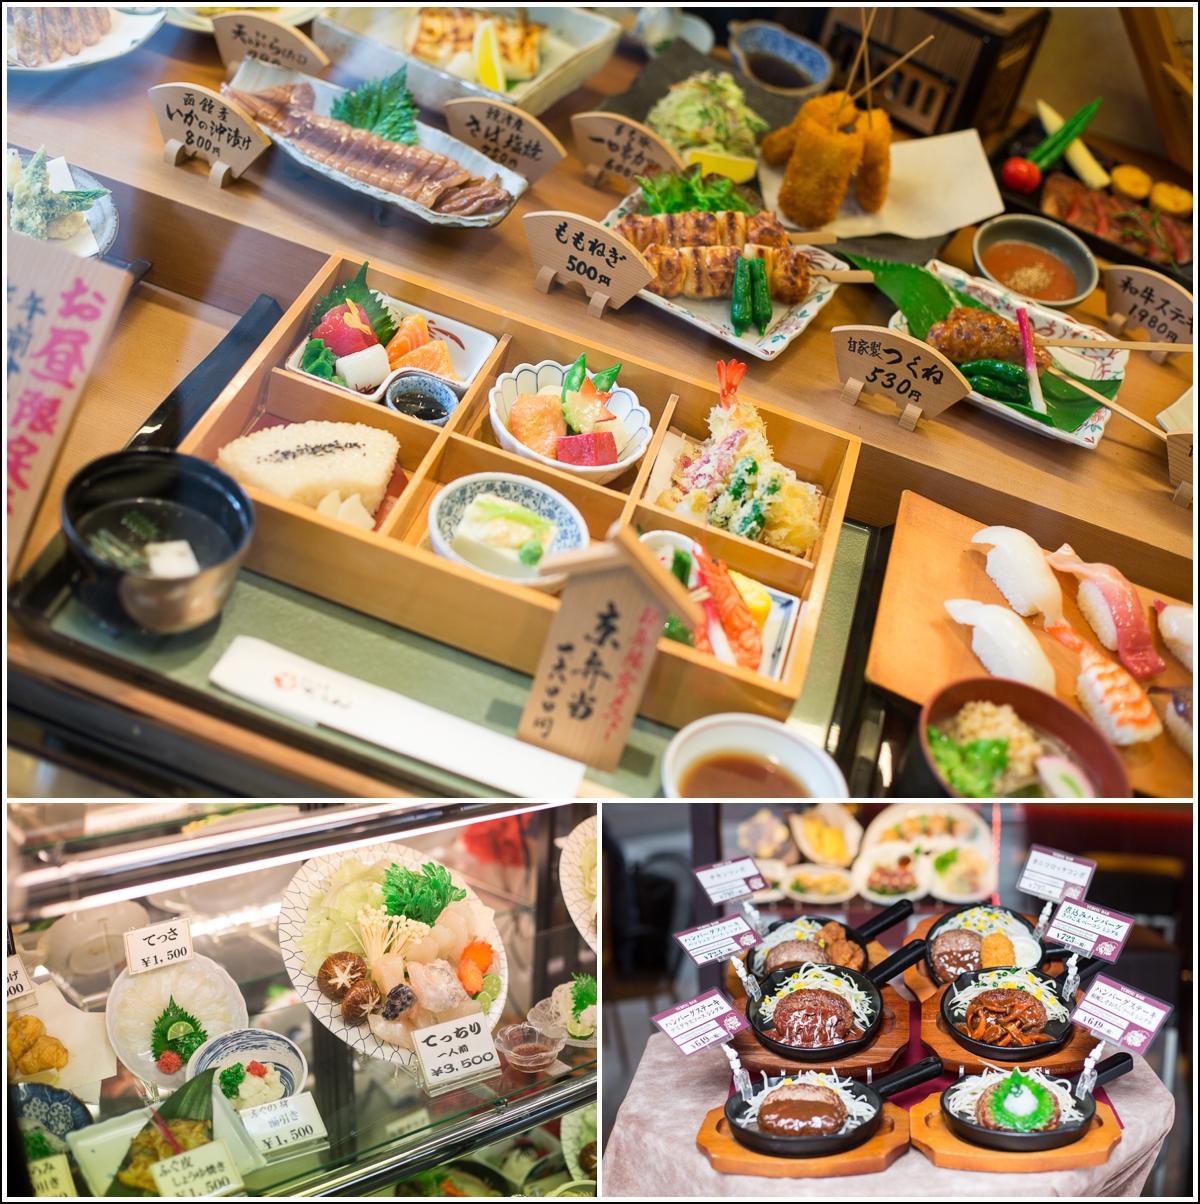 food-on-display-japan